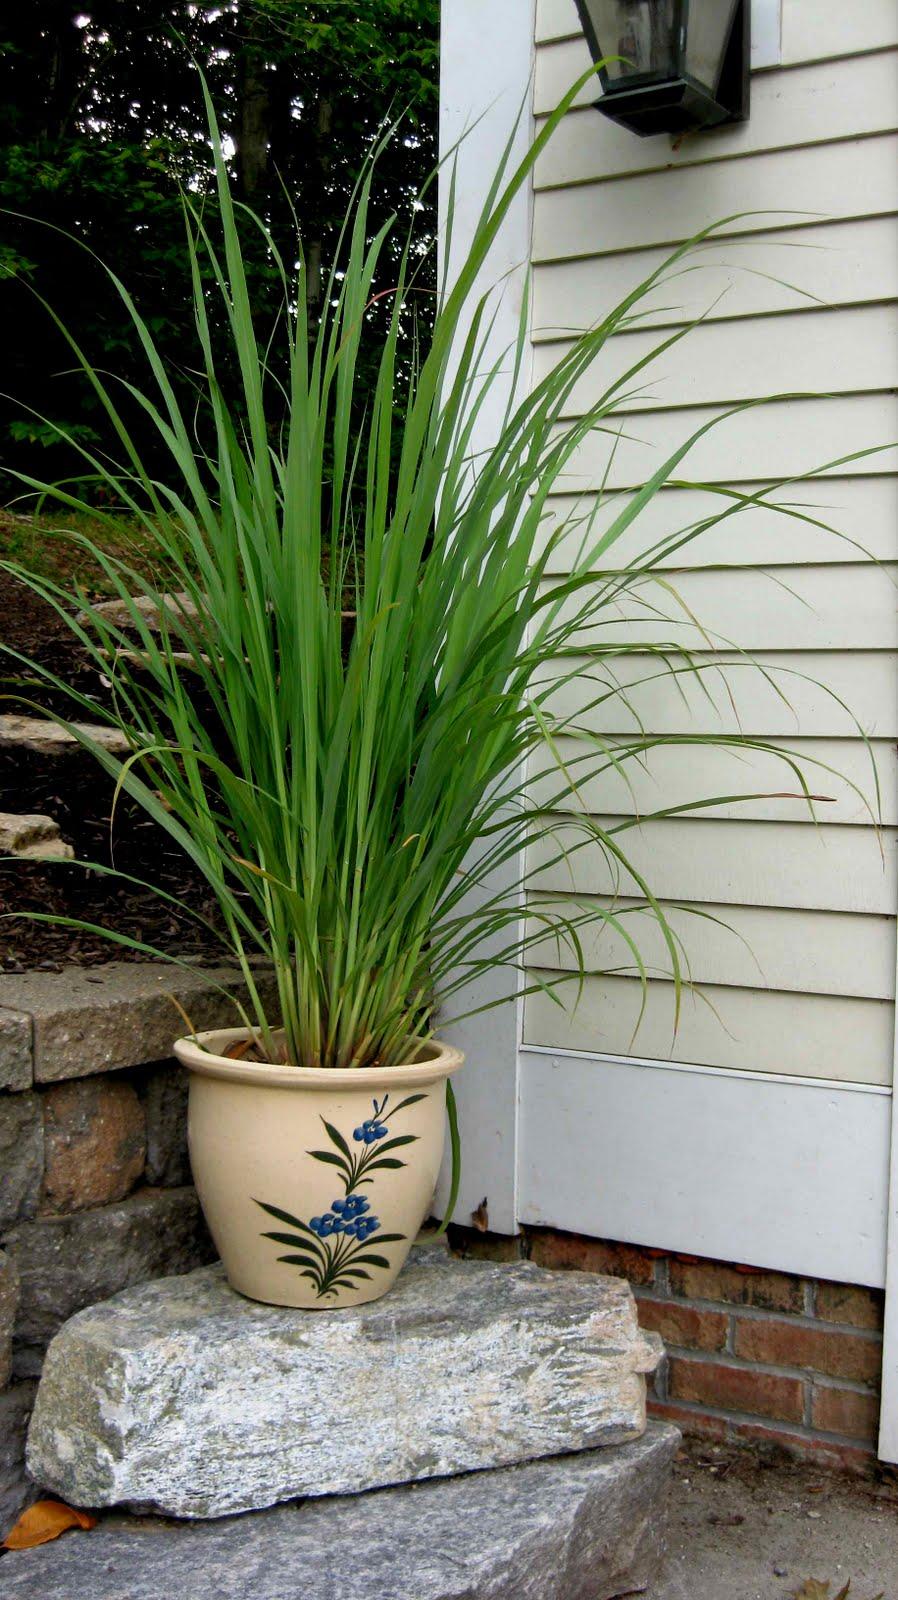 How do you grow lemongrass plants?